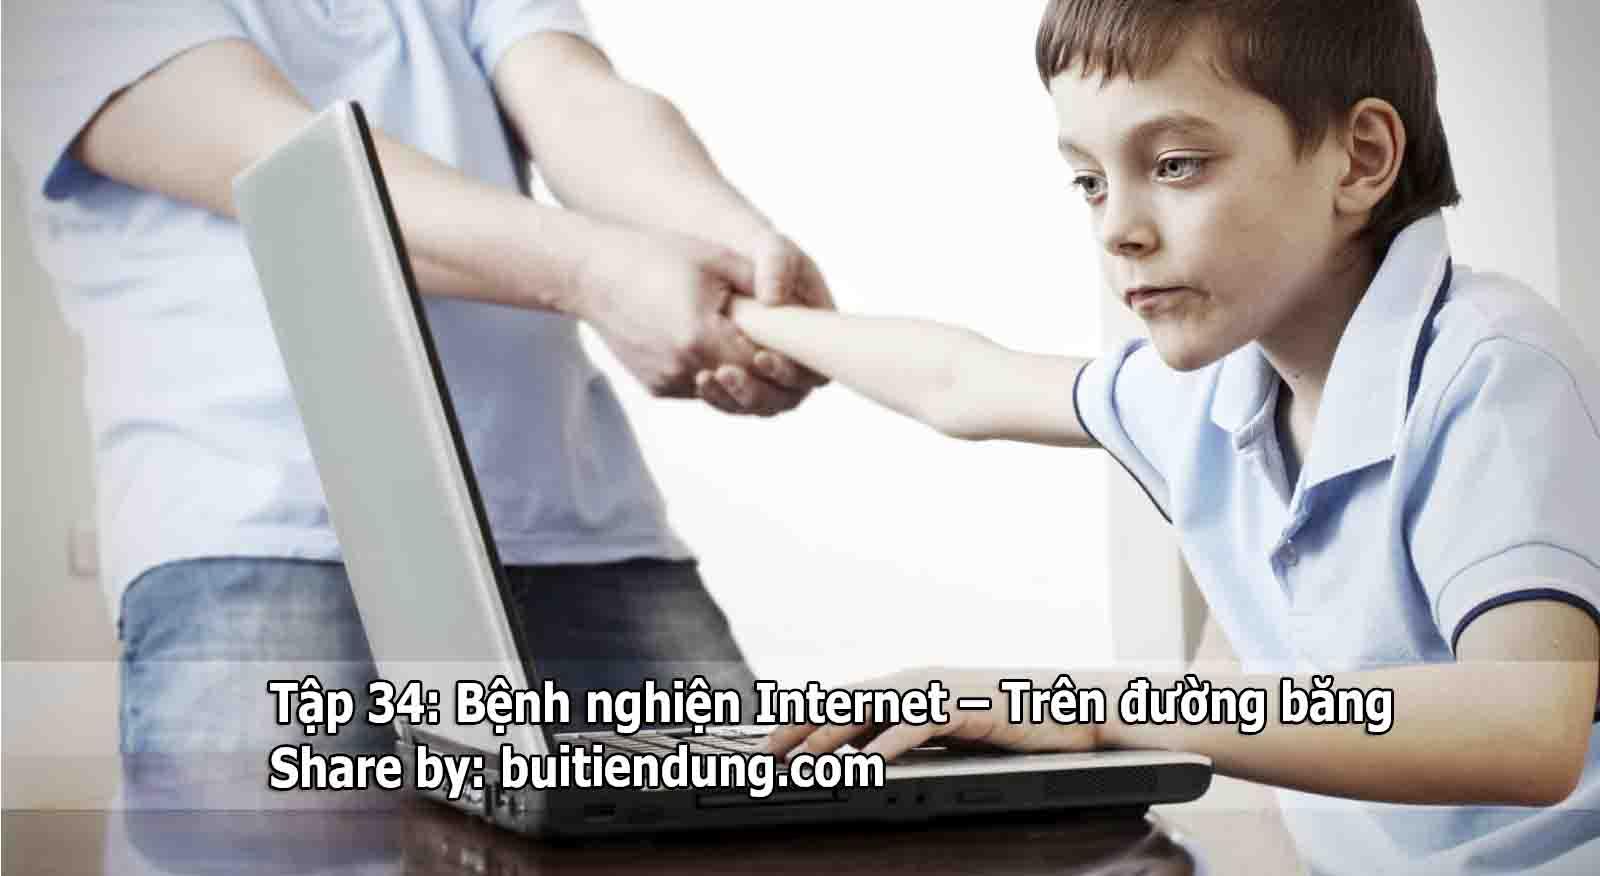 Tập 34: Bệnh nghiện Internet – Trên đường băng